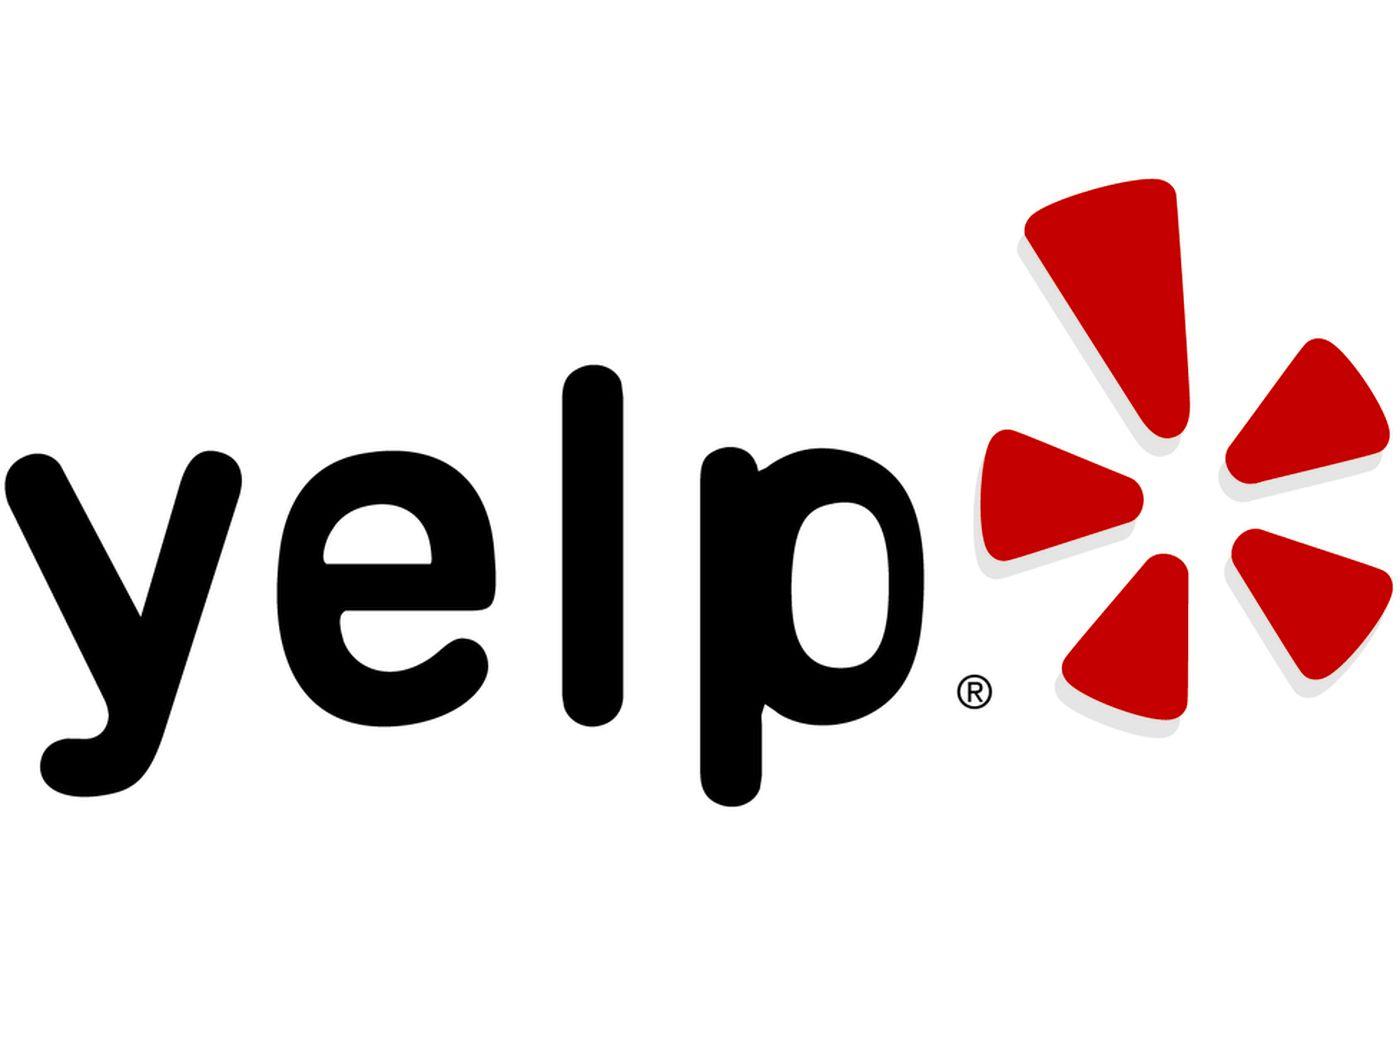 yelp-logo-(2)